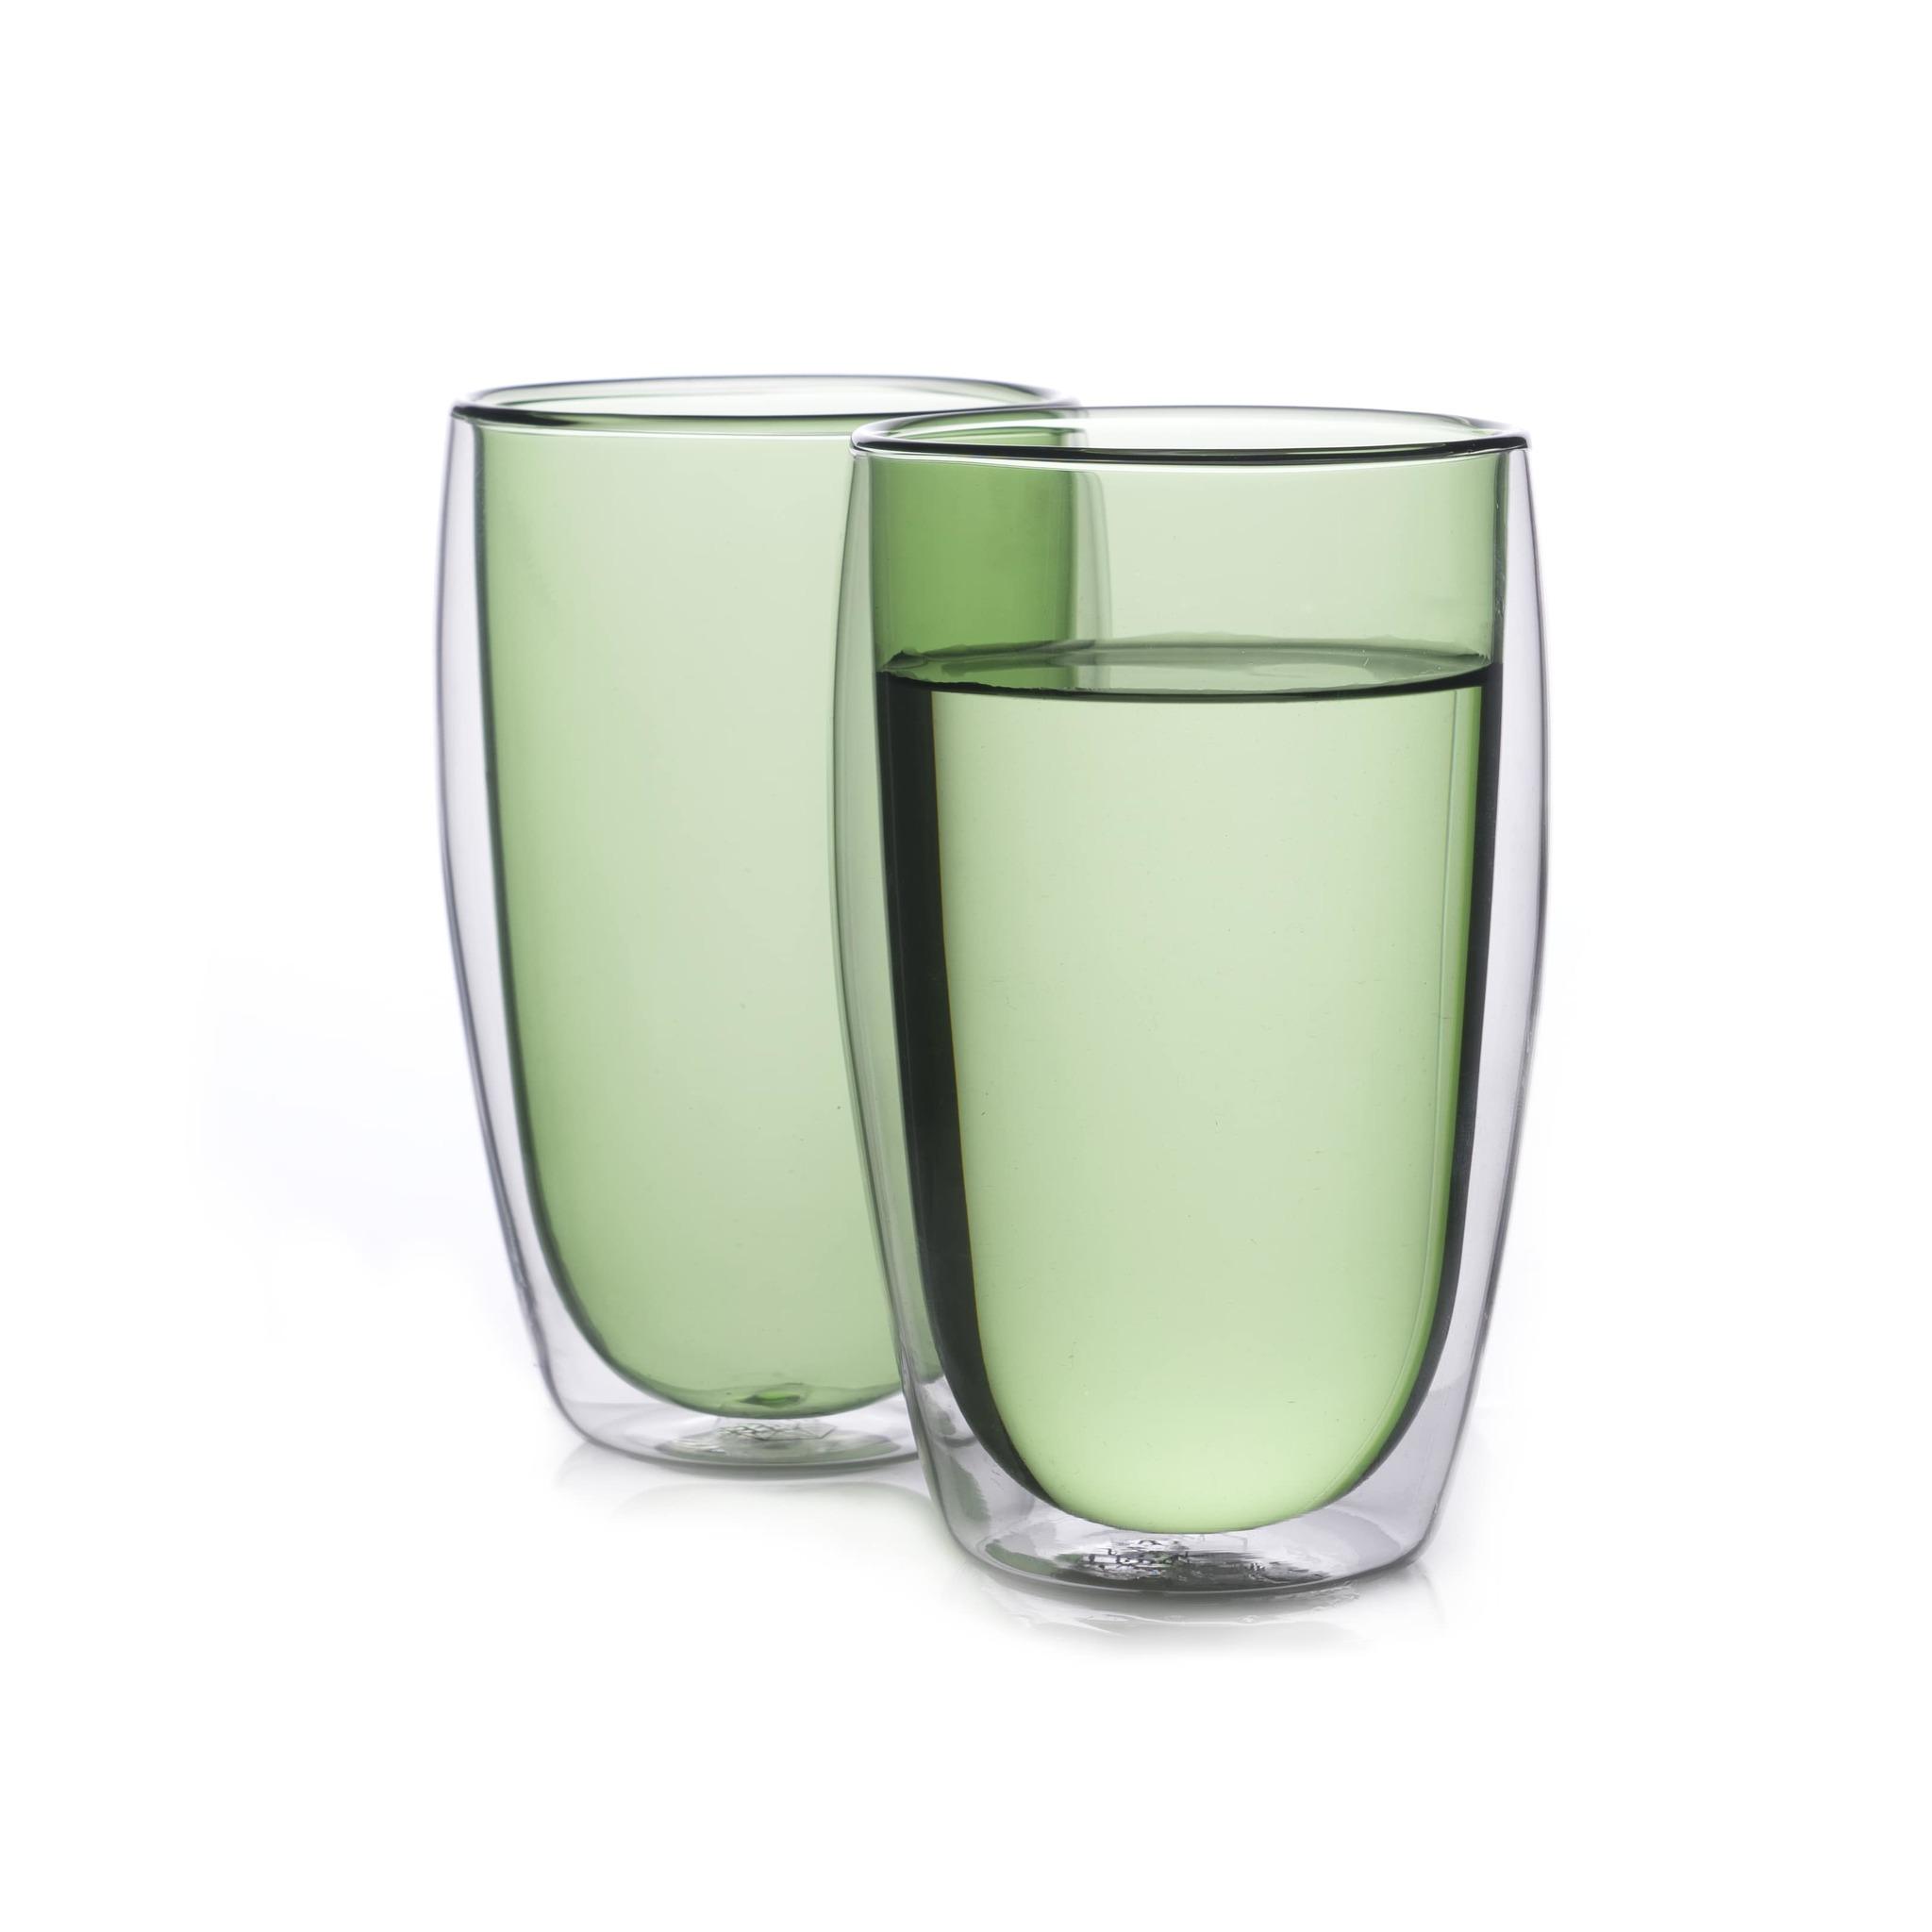 Цветные стаканы и кружки Набор стаканов из двойного стекла зеленого цвета 450 мл, 2 шт. зеленый1-min.jpg